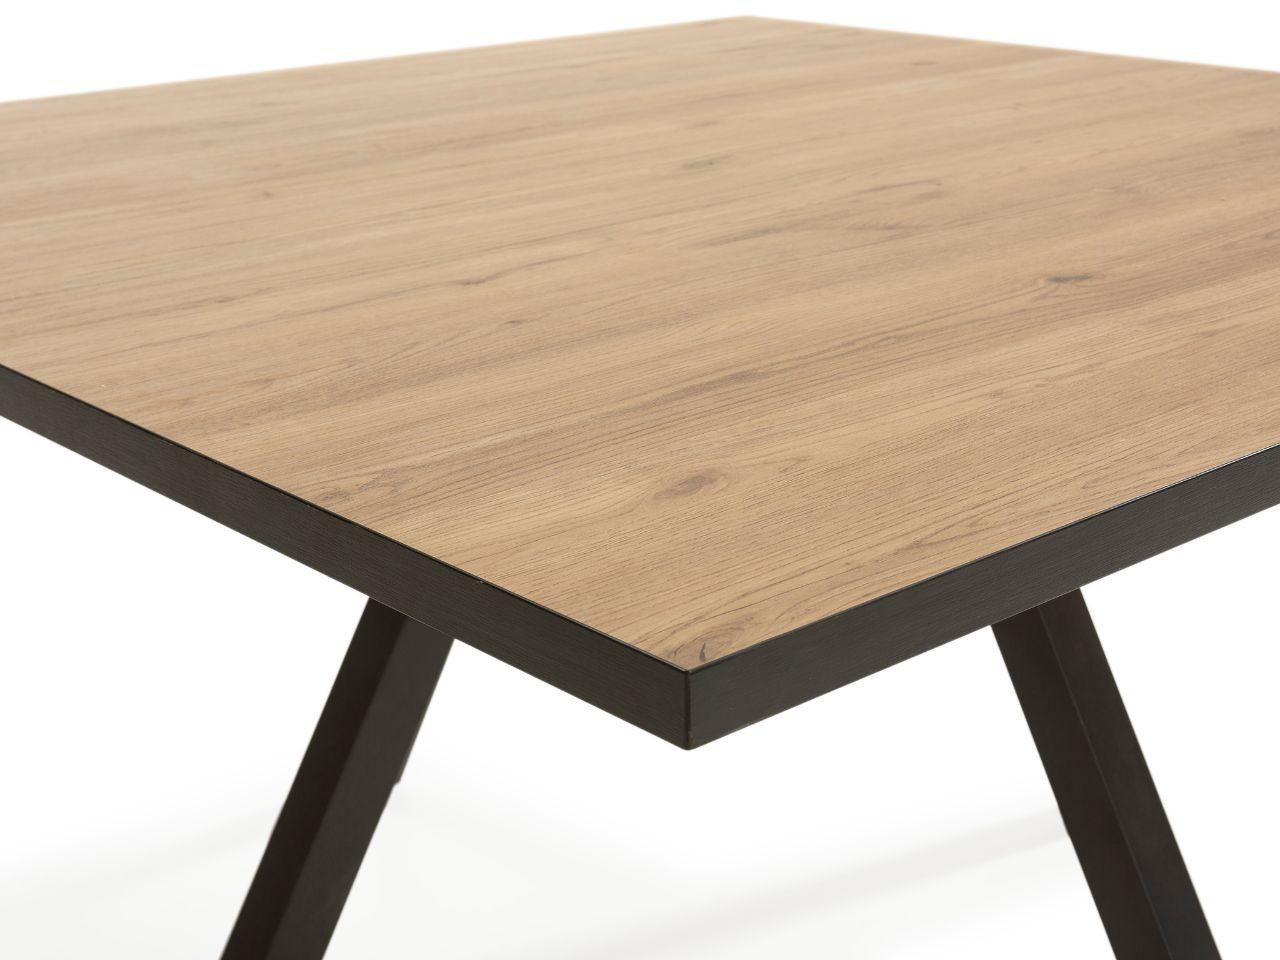 Muebles De Salon Y Muebles De Comedor Dicoro # Muebles Suspendidos Para Tv